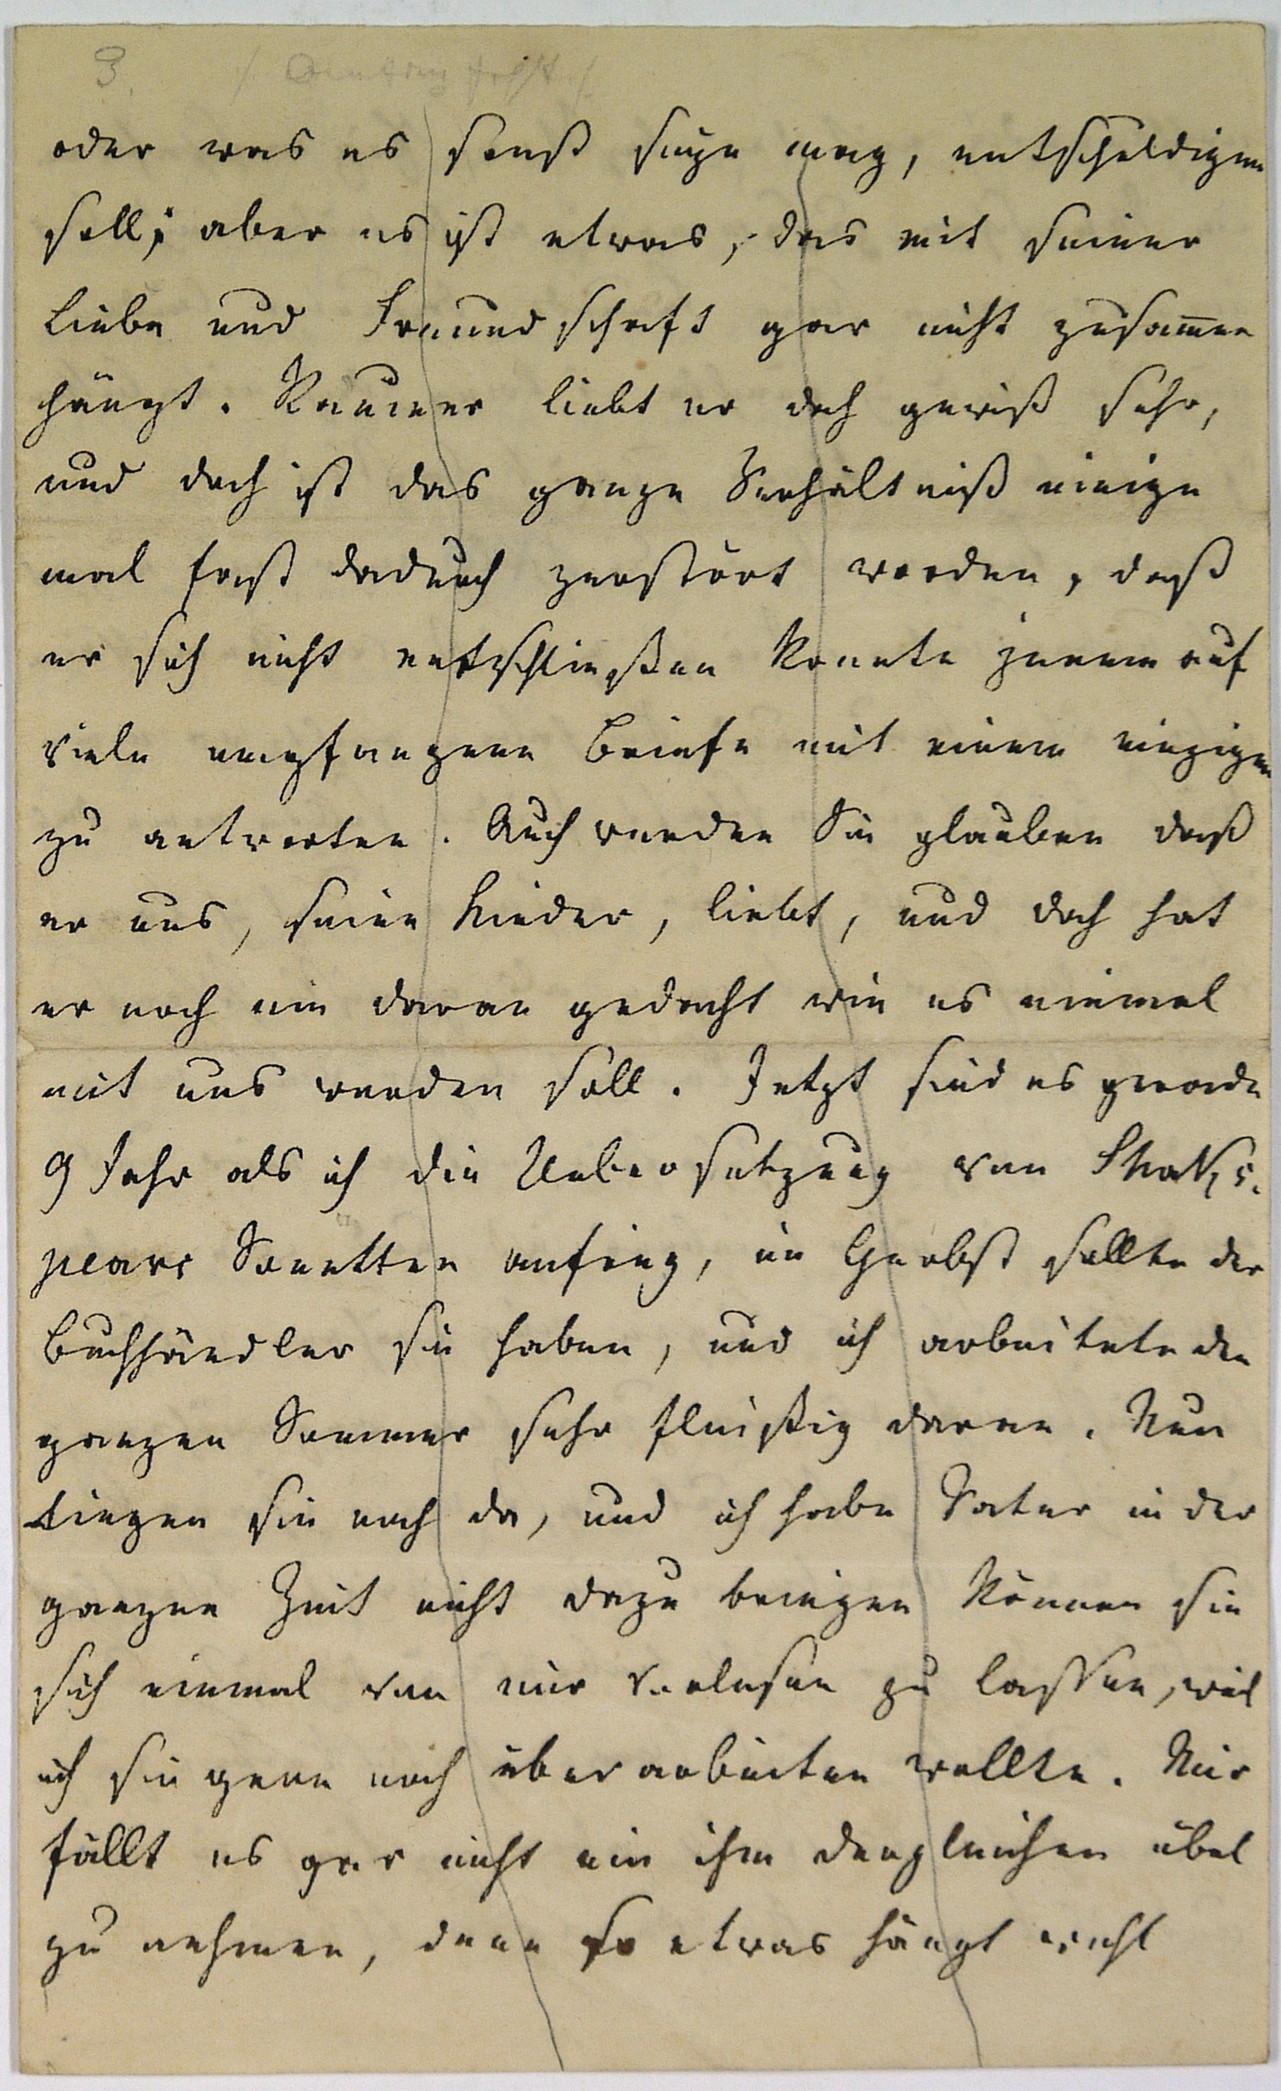 """Anne Baillot, Sophia Zeil (Hrsg.): Brief von Dorothea Tieck an Friedrich von Uechtritz (Fragment) (ohne Ort, ohne Datum). Bearb. v. Sophia Zeil. In: Anne Baillot (Hrsg.), """"Briefe und Texte aus dem intellektuellen Berlin um 1800"""". Berlin: Humboldt-Universität zu Berlin. http://tei.ibi.hu-berlin.de/berliner-intellektuelle/manuscript?Brief05DorotheaTieckanUechtritz. Stand: 4. September 2014."""